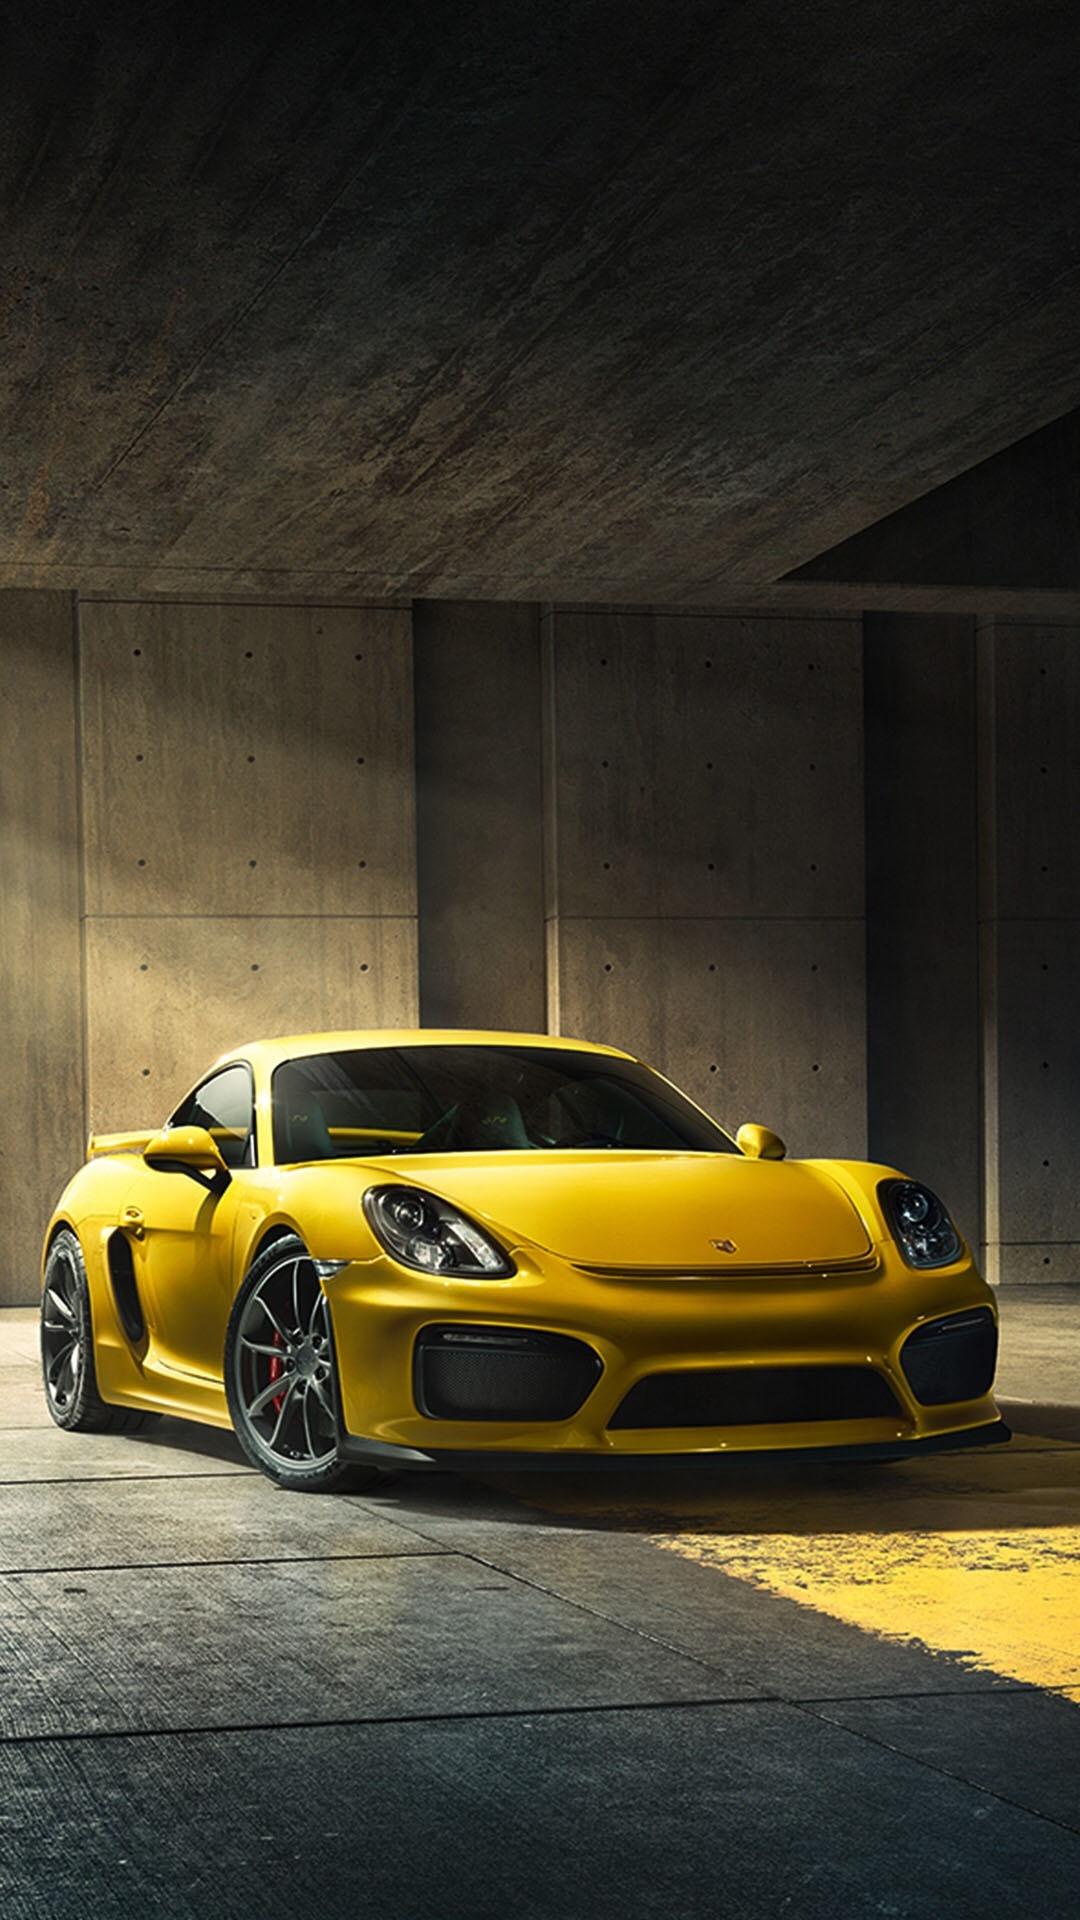 跑车 保时捷911 名车 黄色 苹果手机高清壁纸 1080x